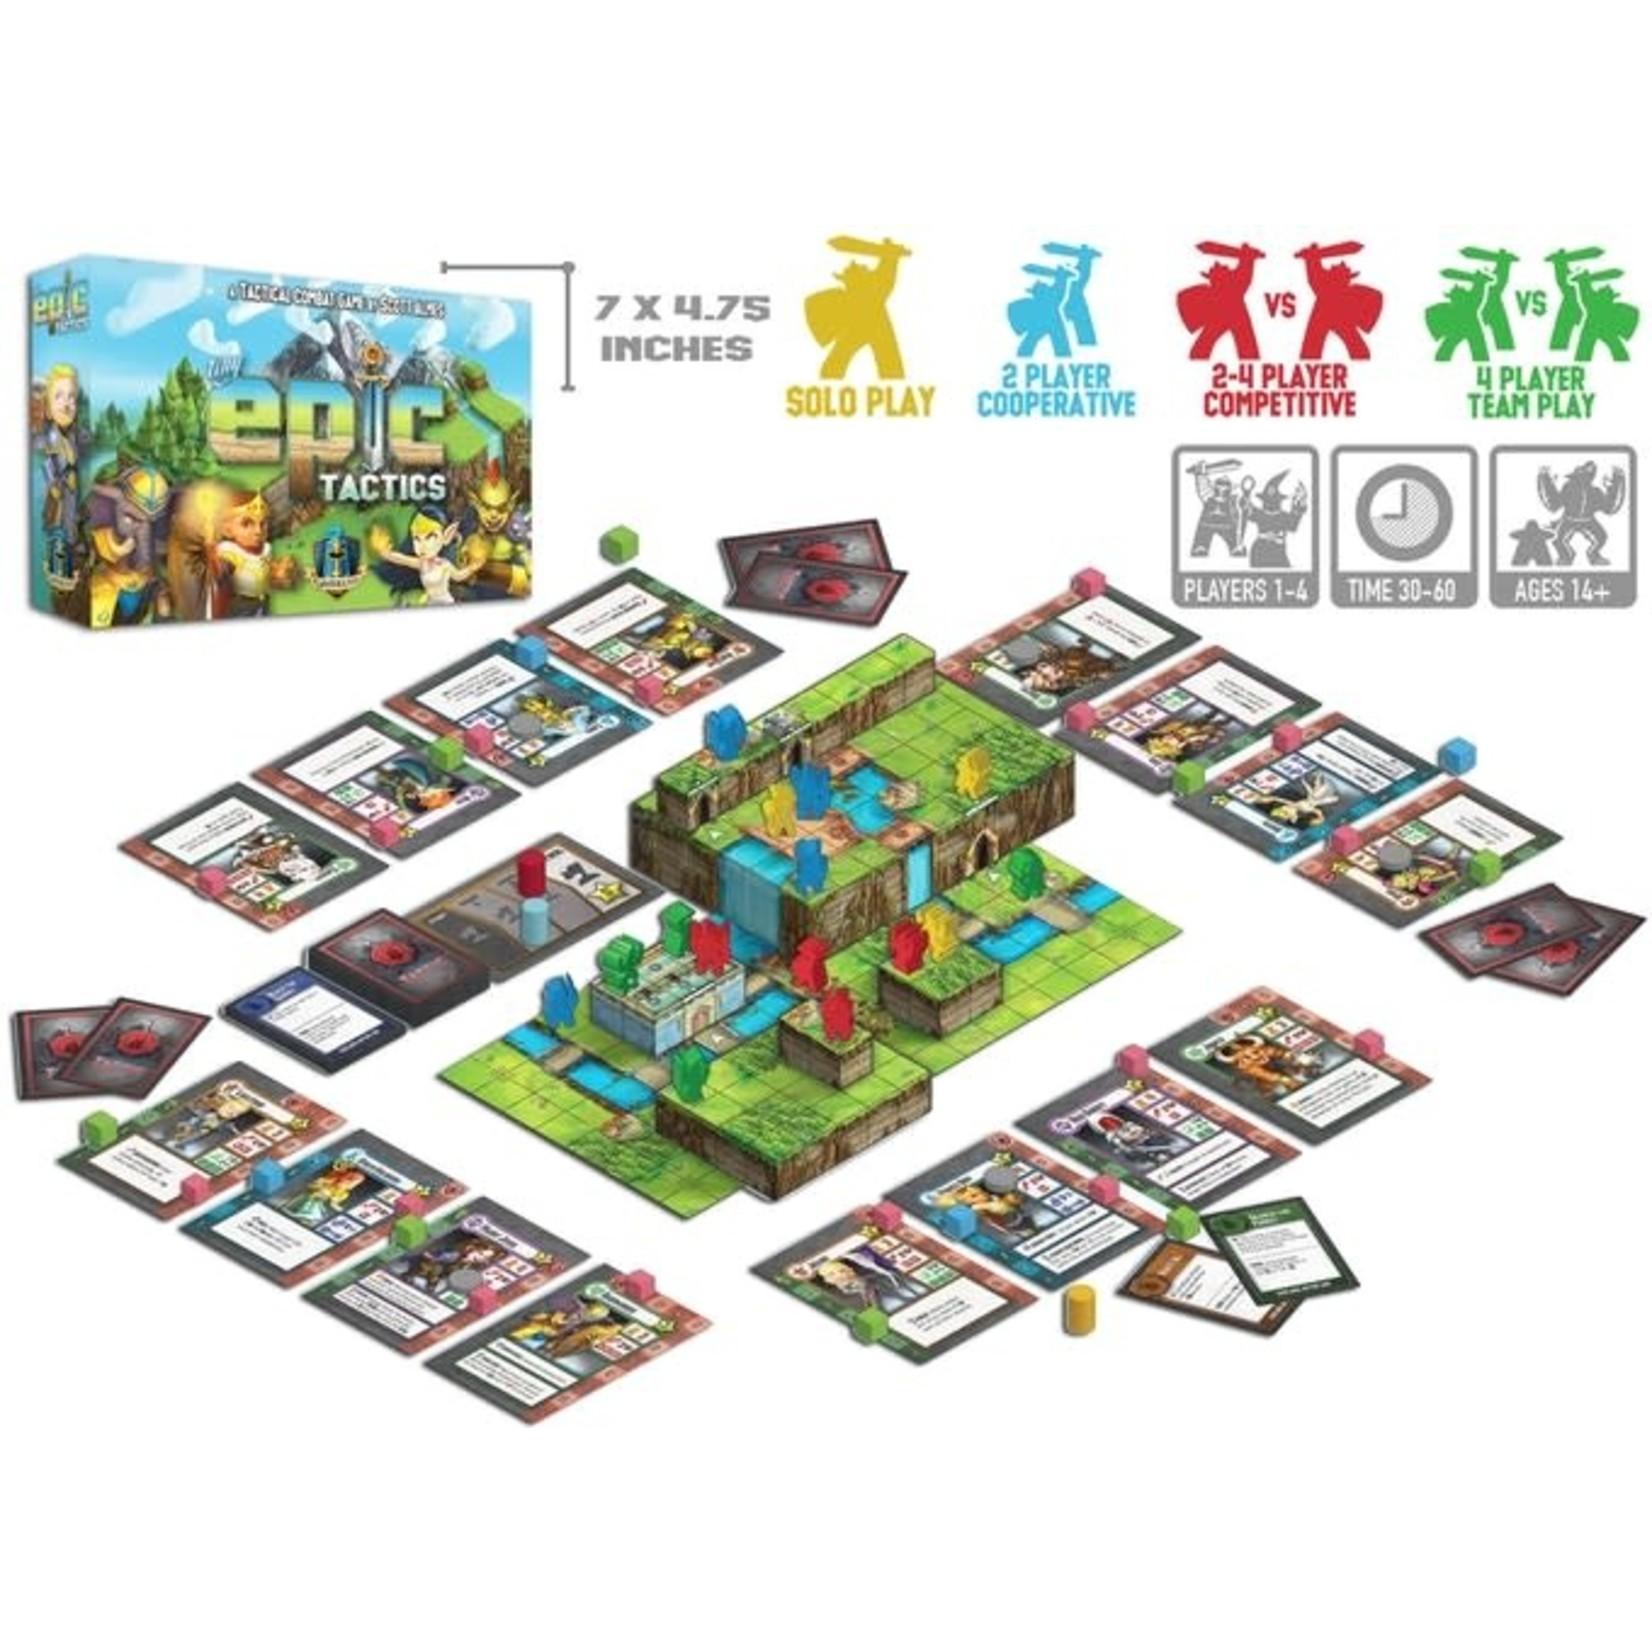 Tiny Epic Tactics Board Game